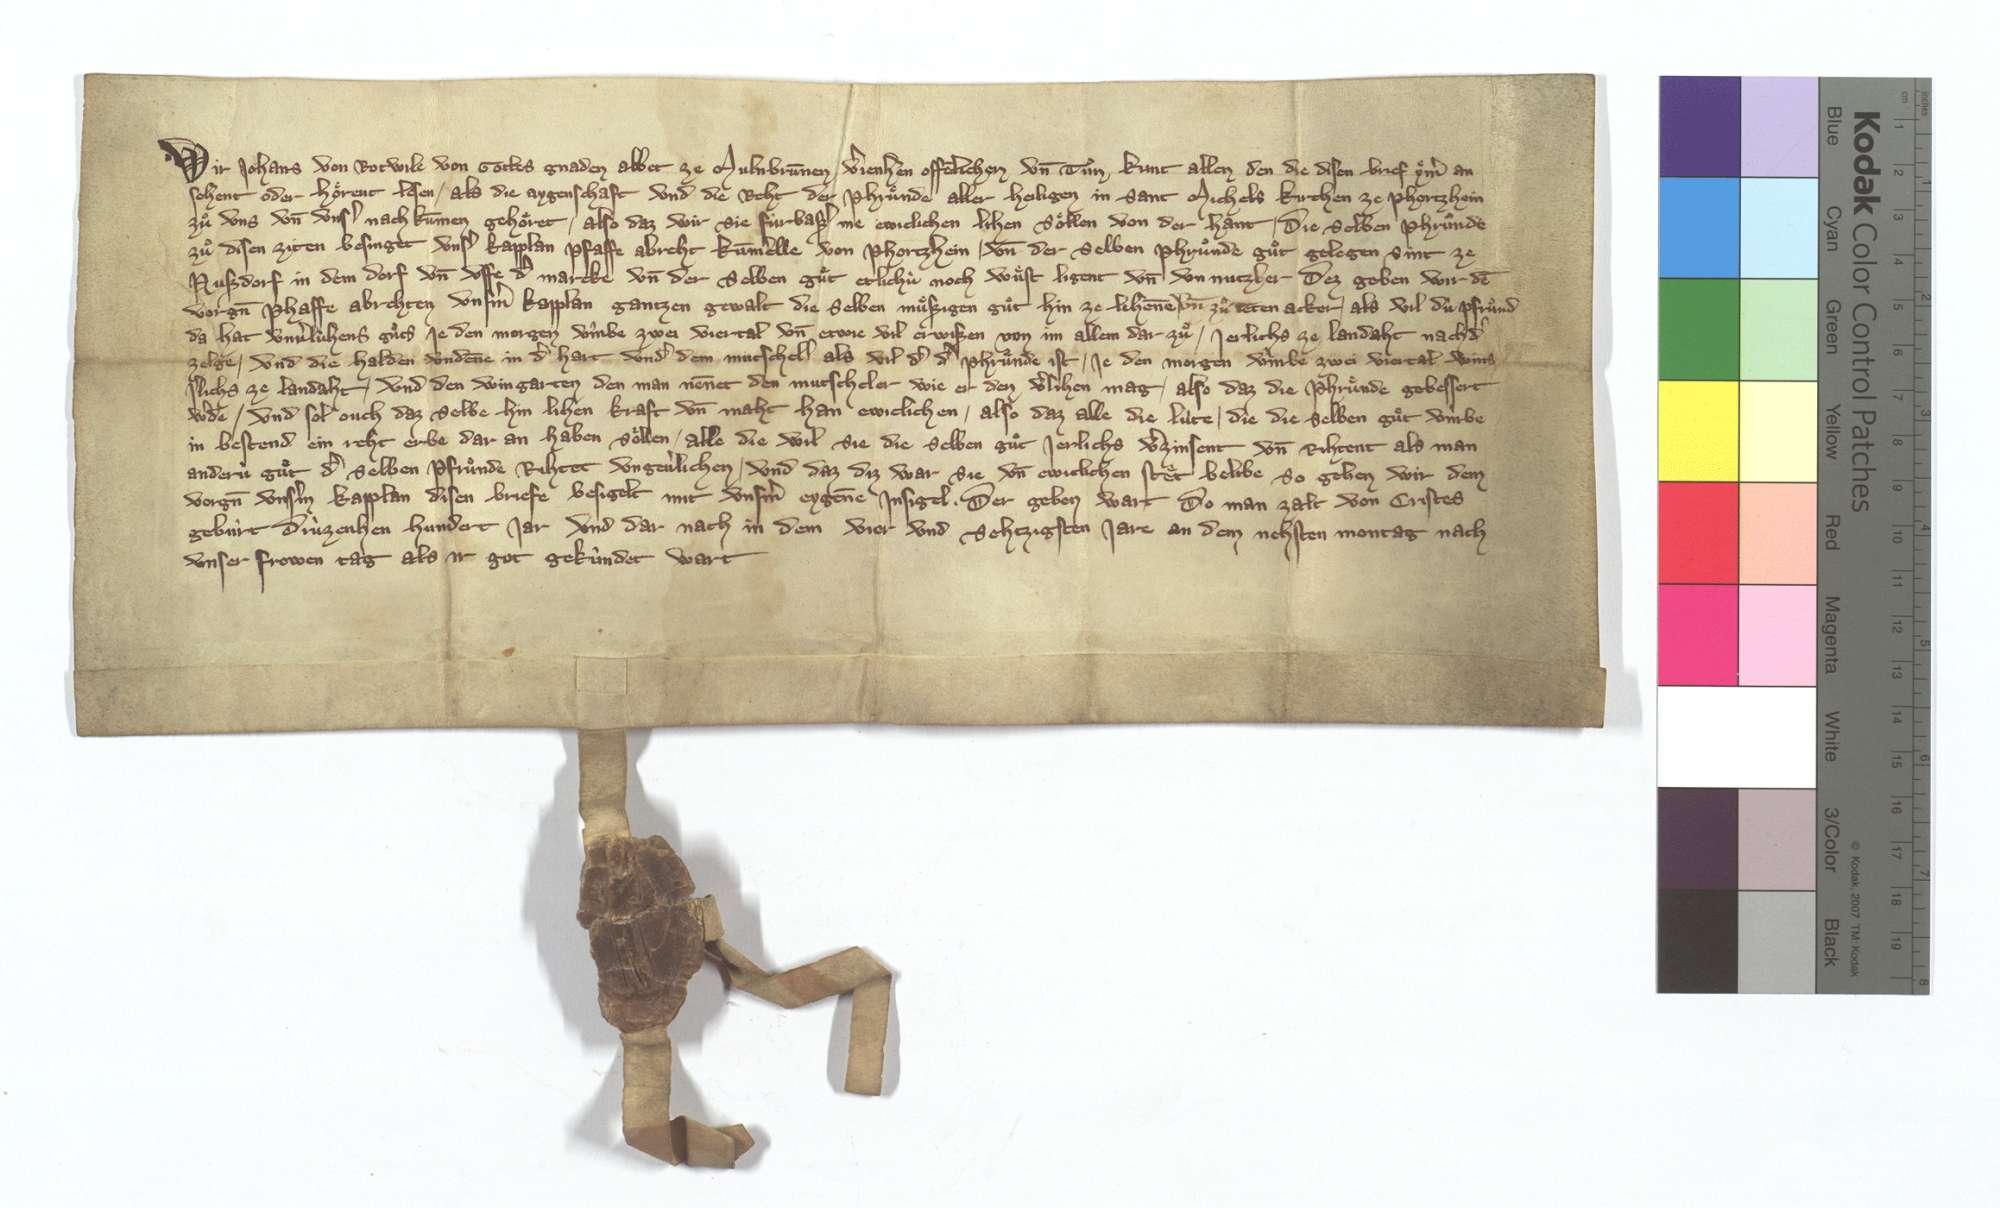 Abt Johann von Rottweil (Rotwile) von Maulbronn erlaubt dem Kaplan des Allerheiligenaltars in der Kirche St. Michael in Pforzheim, derselben Güter in Nußdorf zu verleihen., Text